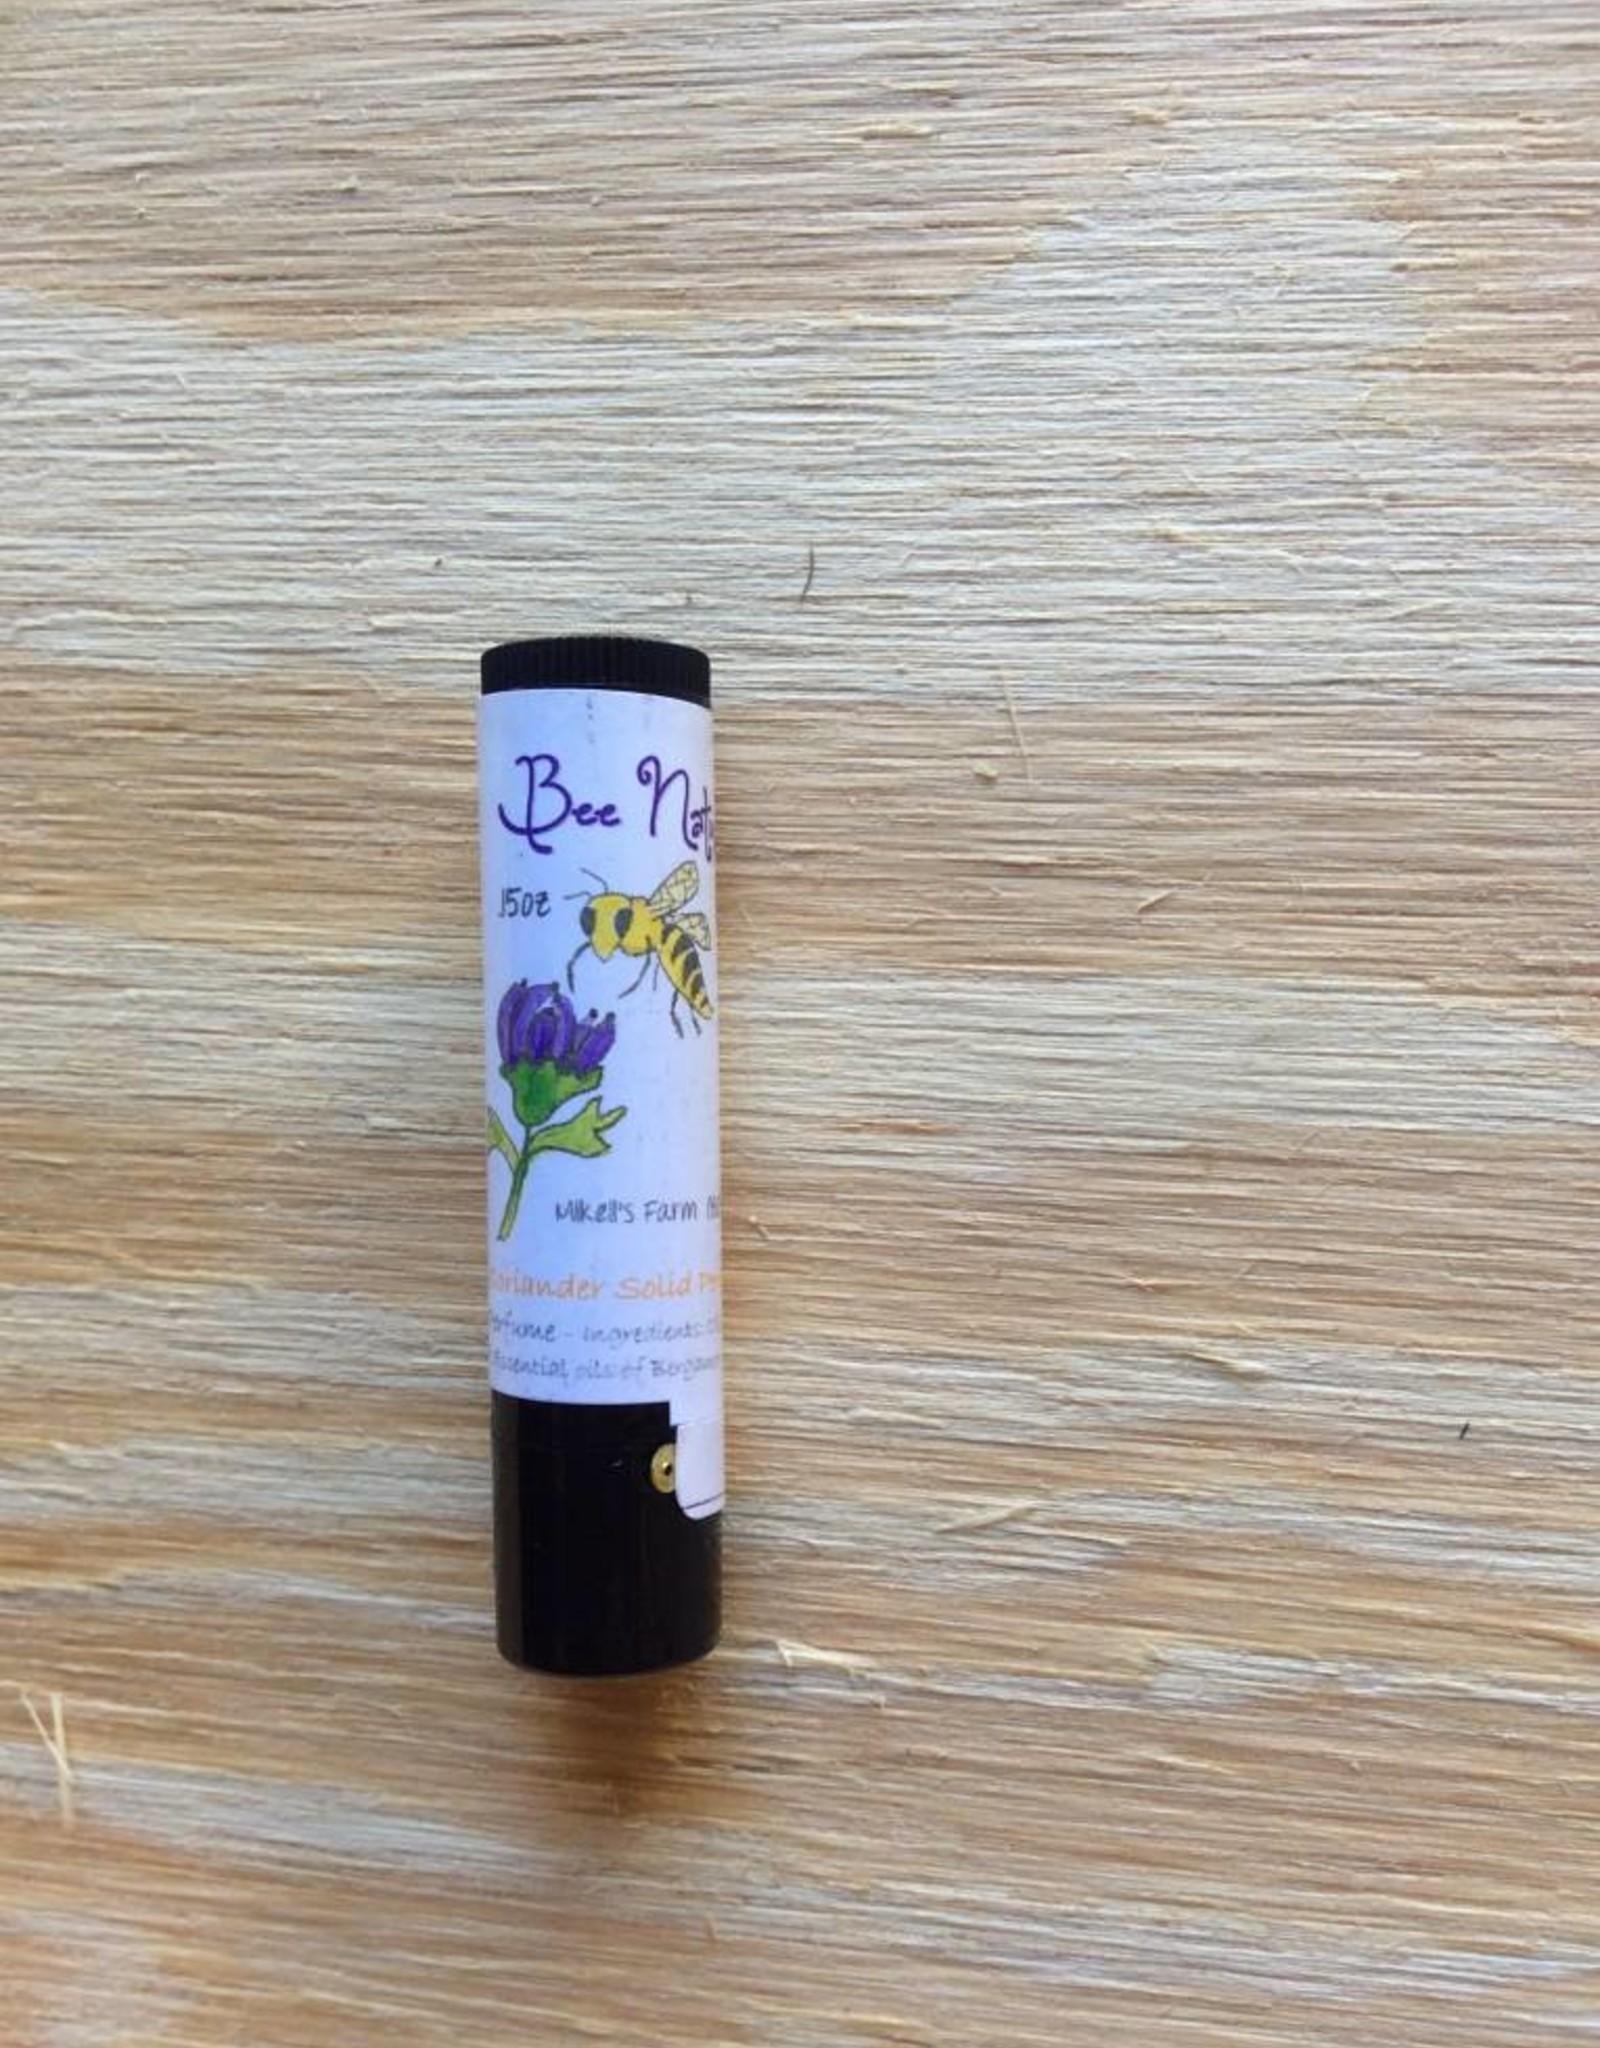 Perfume, Beeswax Perfume, Tube, Bee Naturally